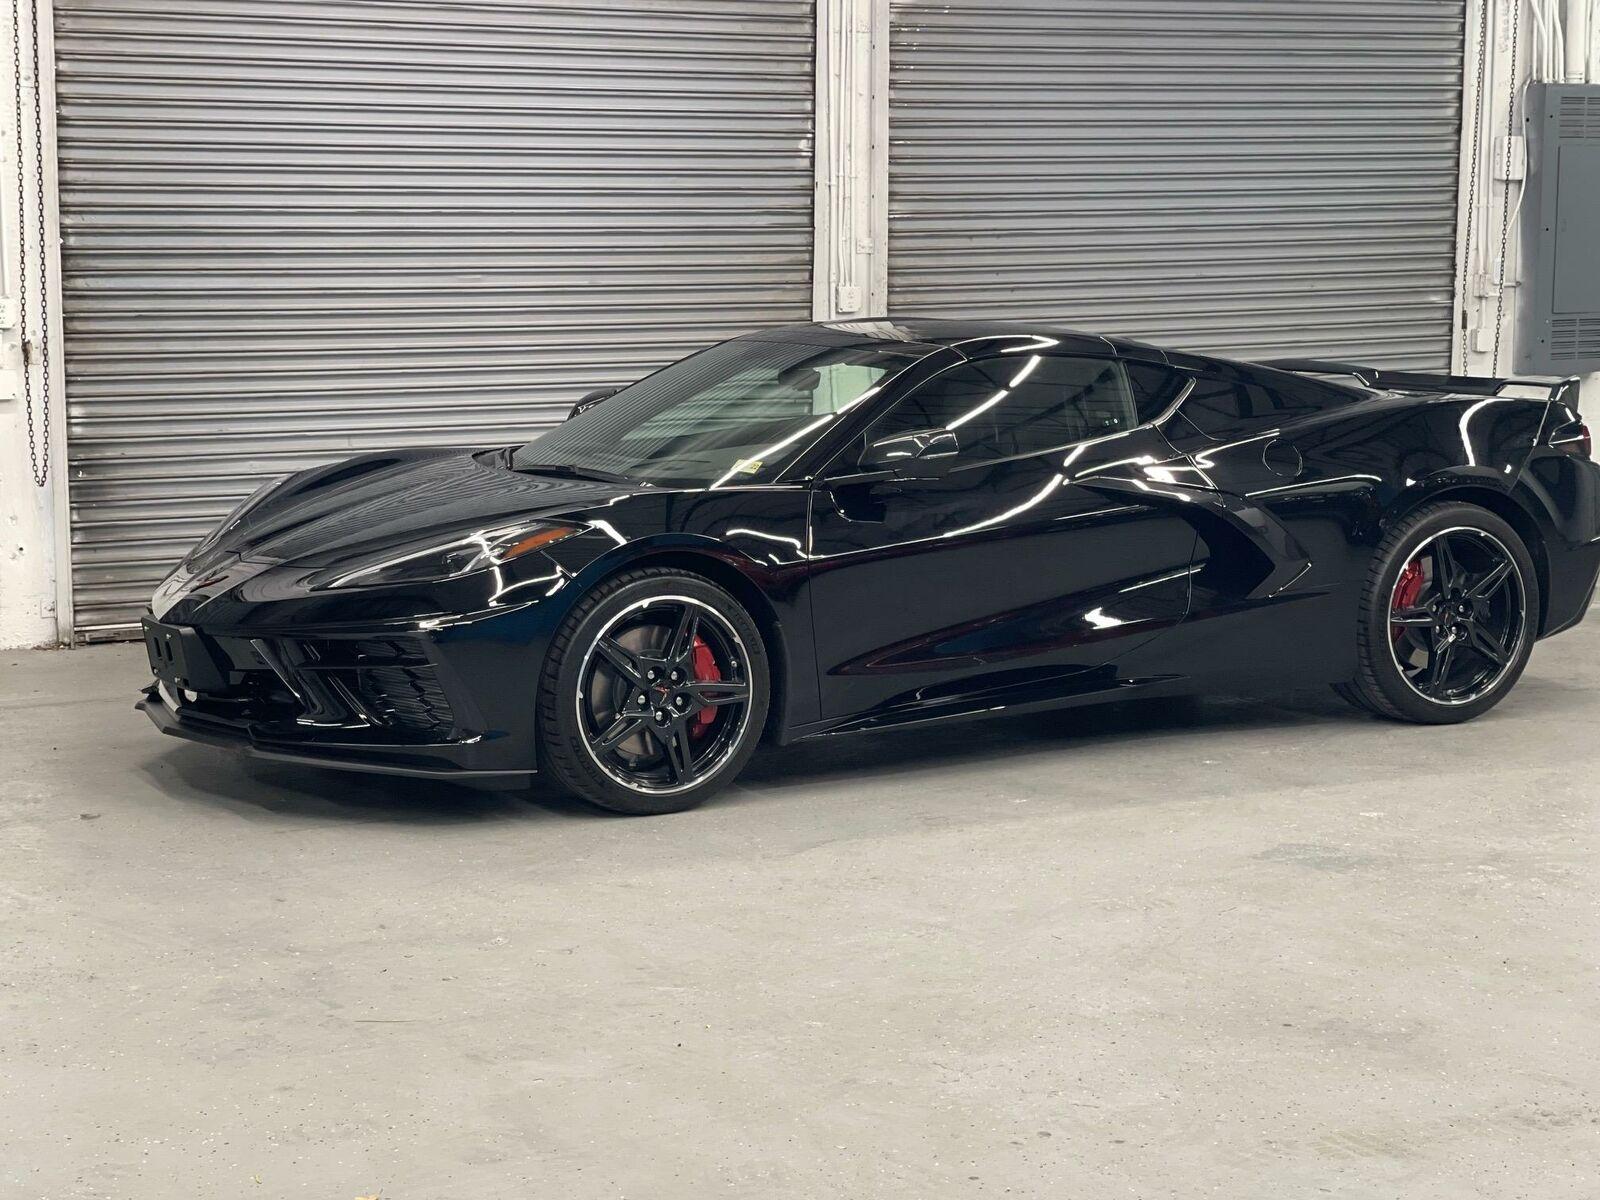 2021 Black Chevrolet Corvette  2LT | C7 Corvette Photo 5